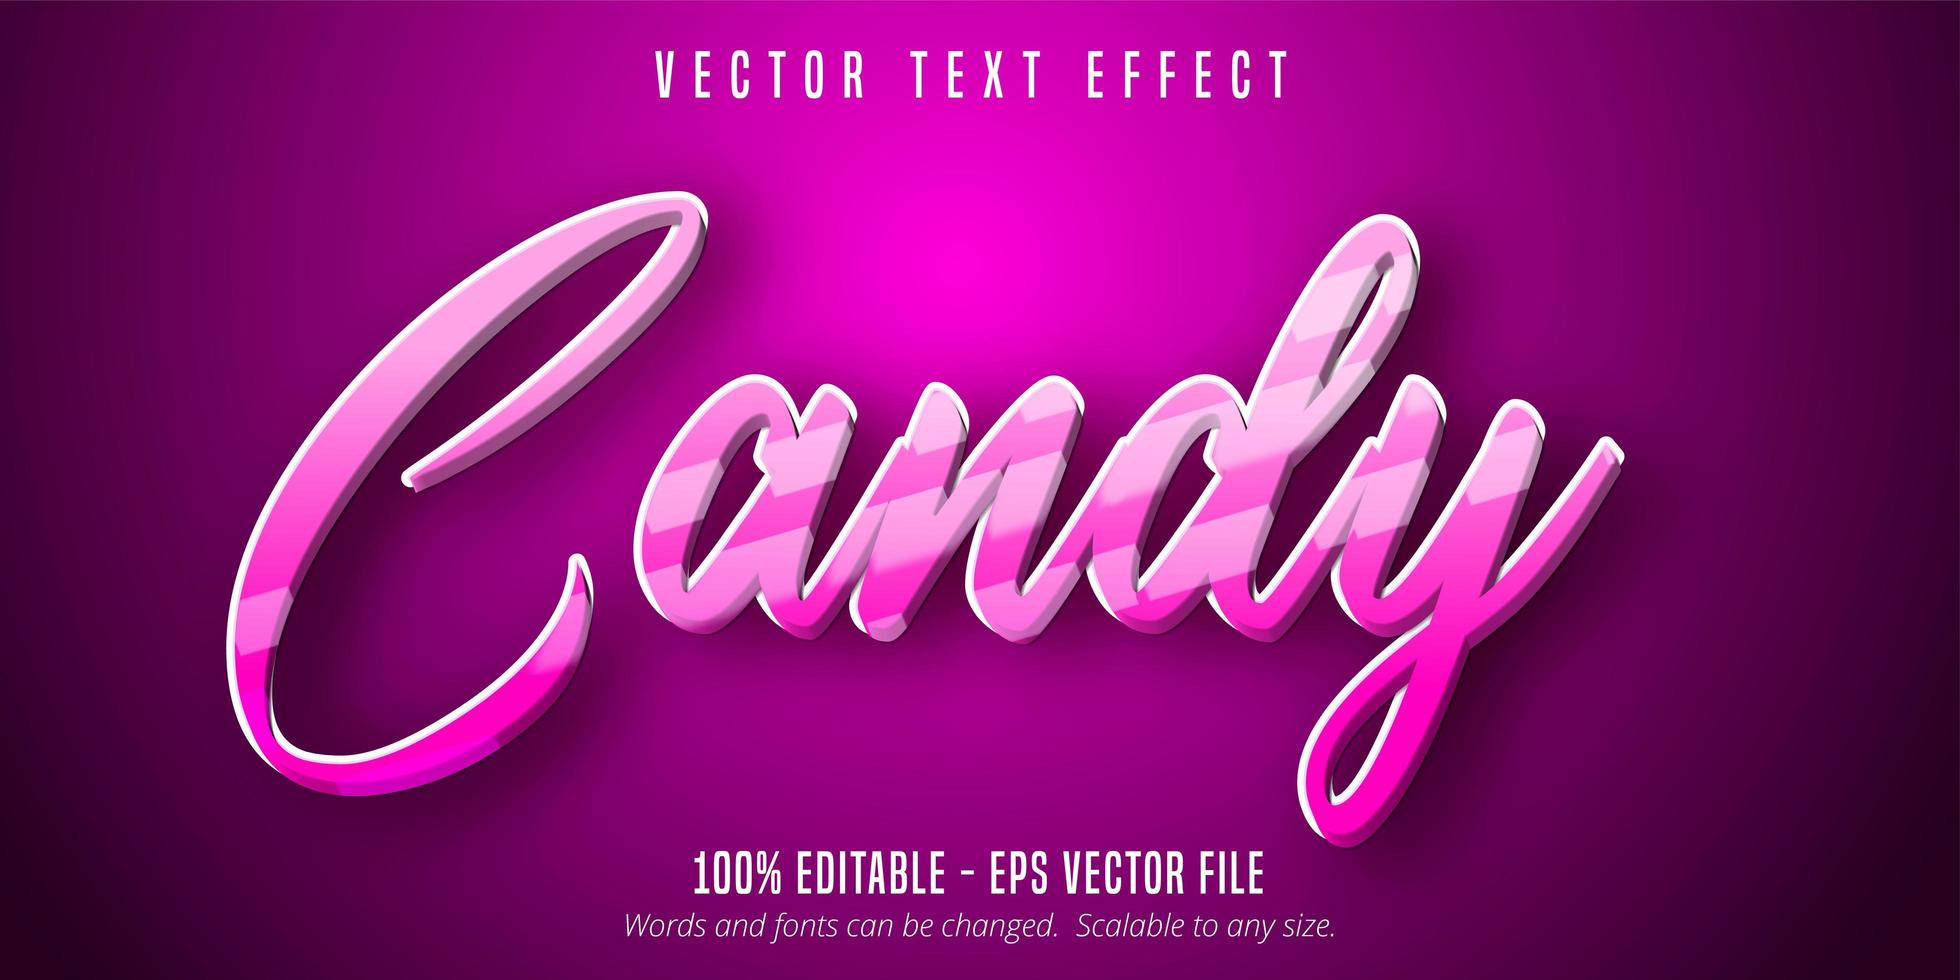 effetto di testo modificabile in stile cartone animato a strisce rosa caramelle vettore